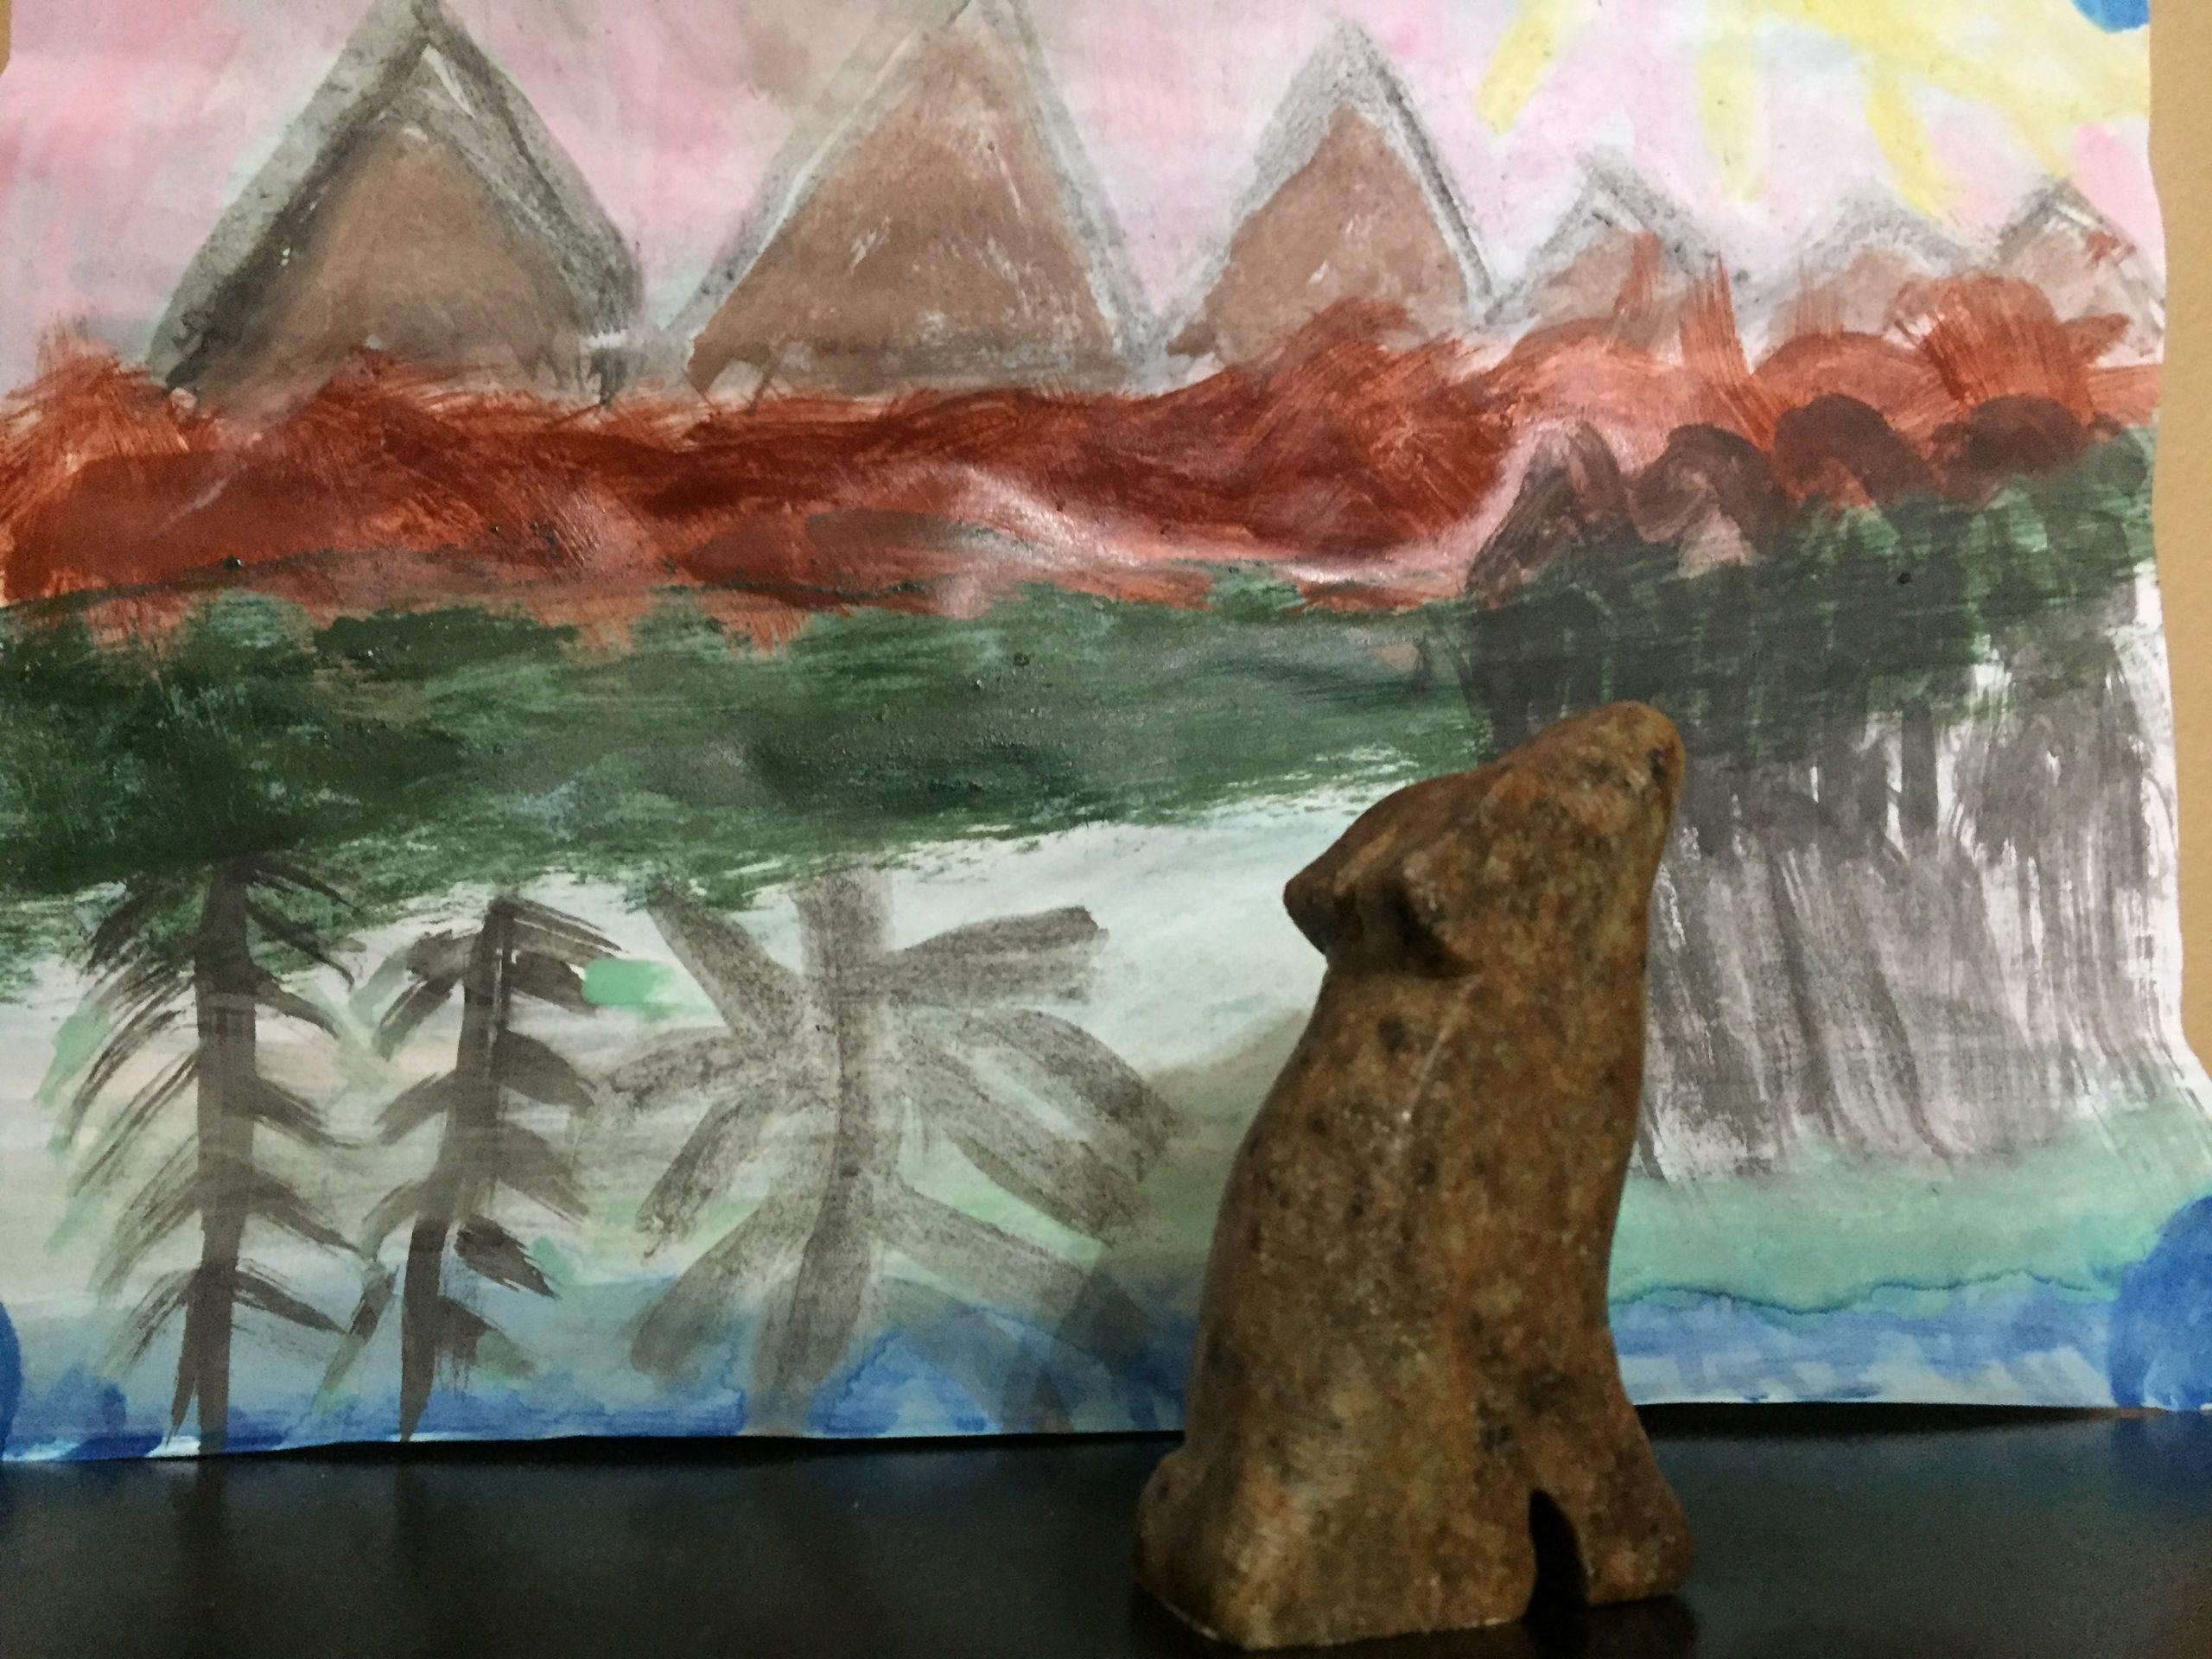 Un loup sculpté sur de la pierre à savon avec un fond peint avec des montagnes